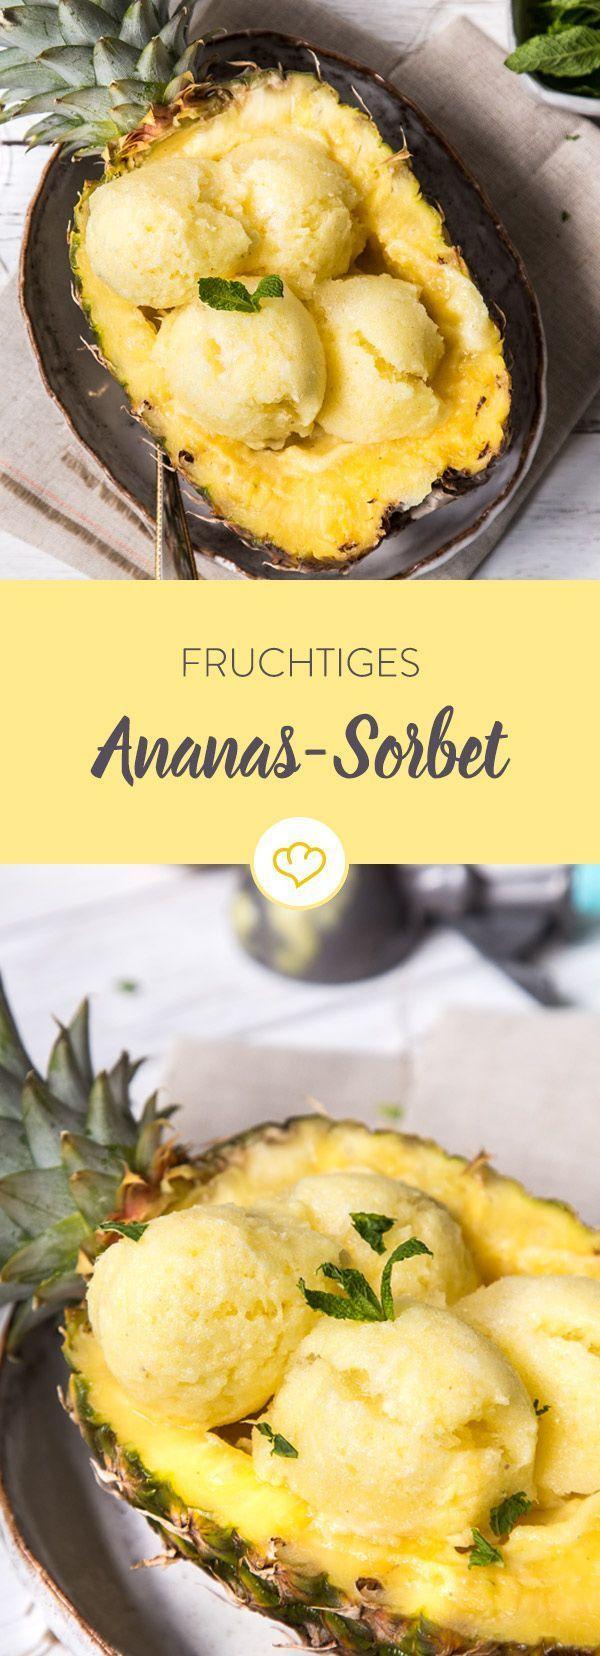 Dieses Ananas-Sorbet schreit förmlich nach Sommer: Einfach loslöffeln und von weißen Sandstränden und tükisblauem Wasser träumen.